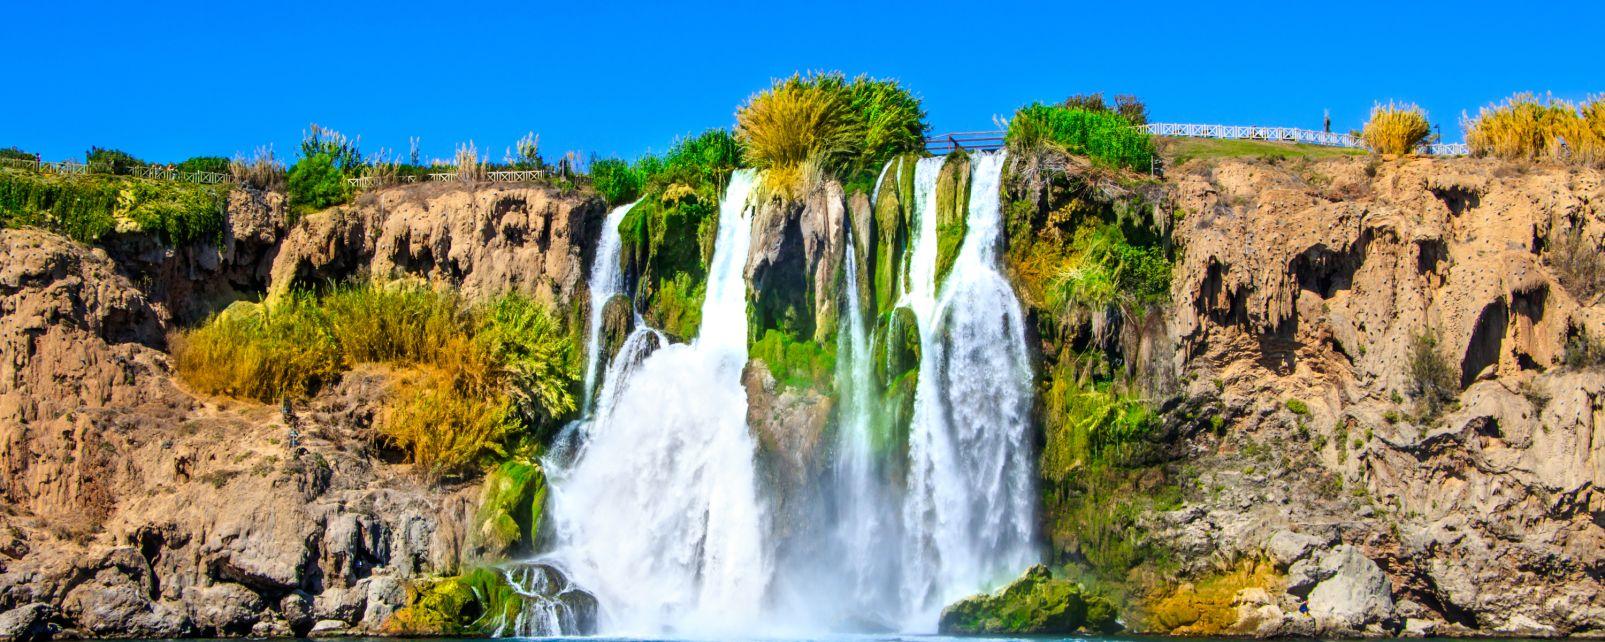 Les chutes de Düden, Les paysages, Région d'Antalya